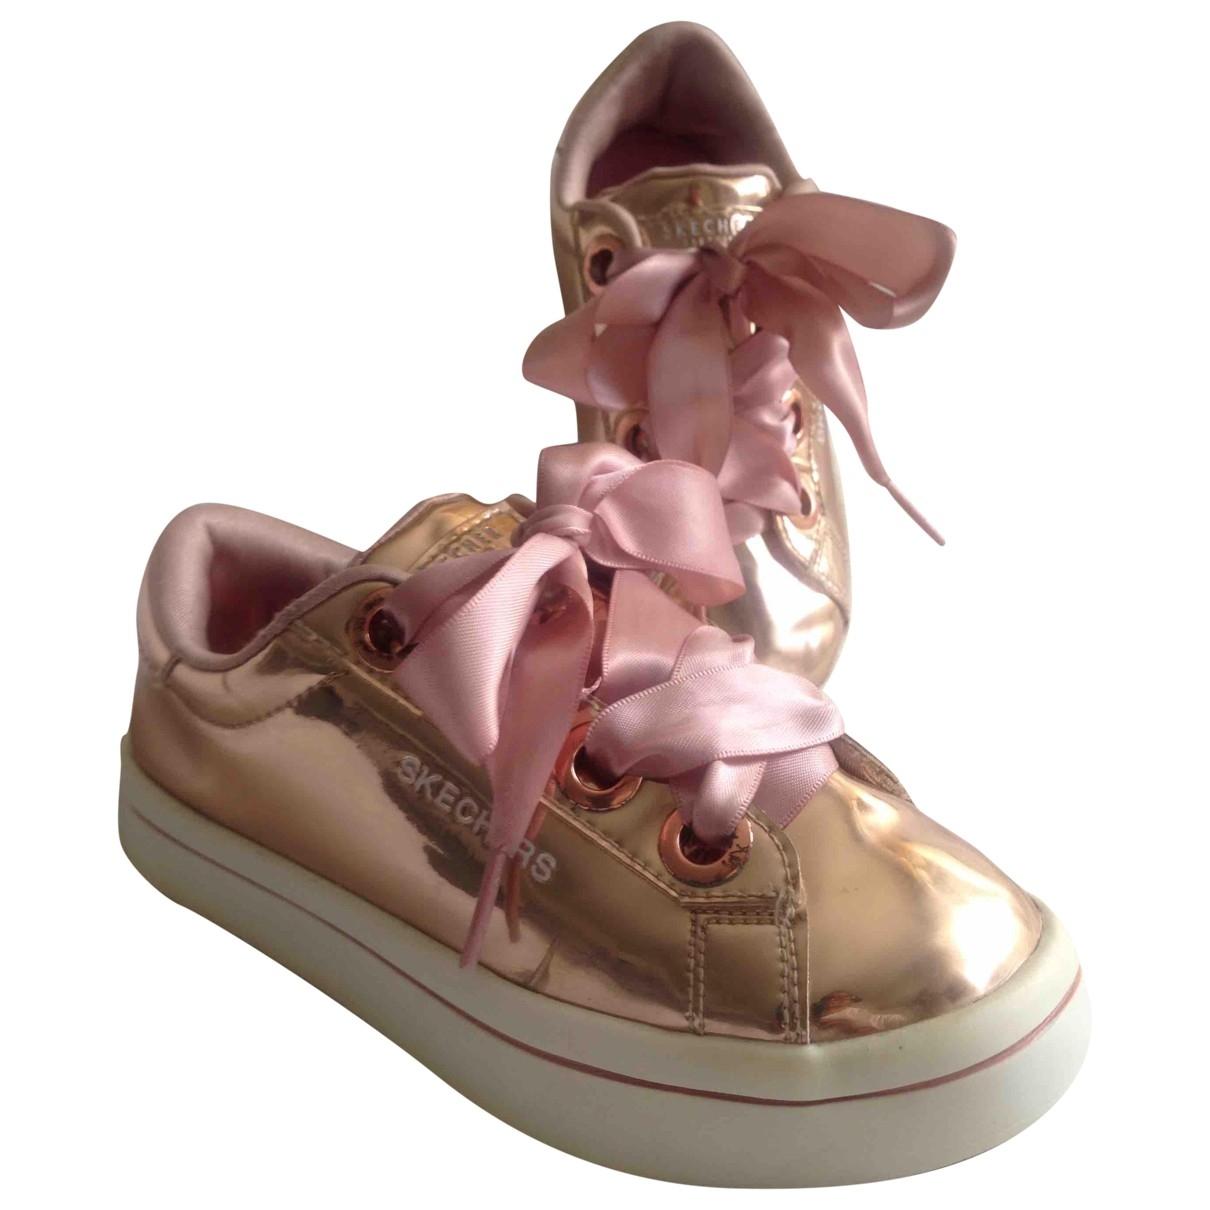 Skechers - Baskets   pour enfant en cuir verni - dore